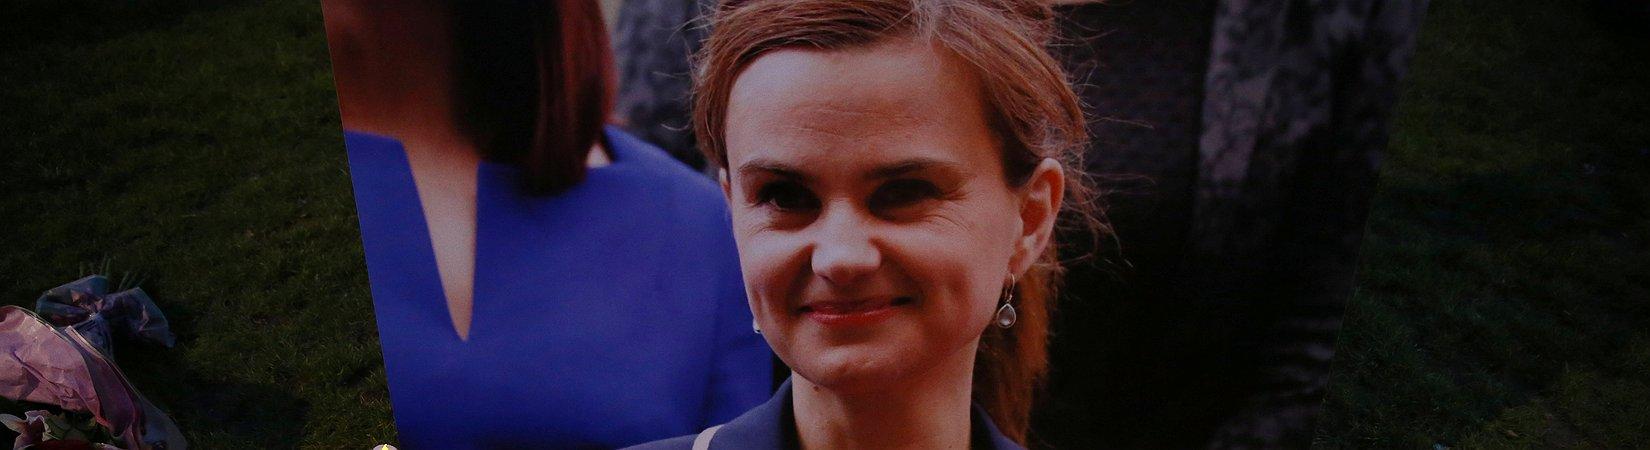 El Reino Unido suspende la campaña tras el asesinato de una diputada